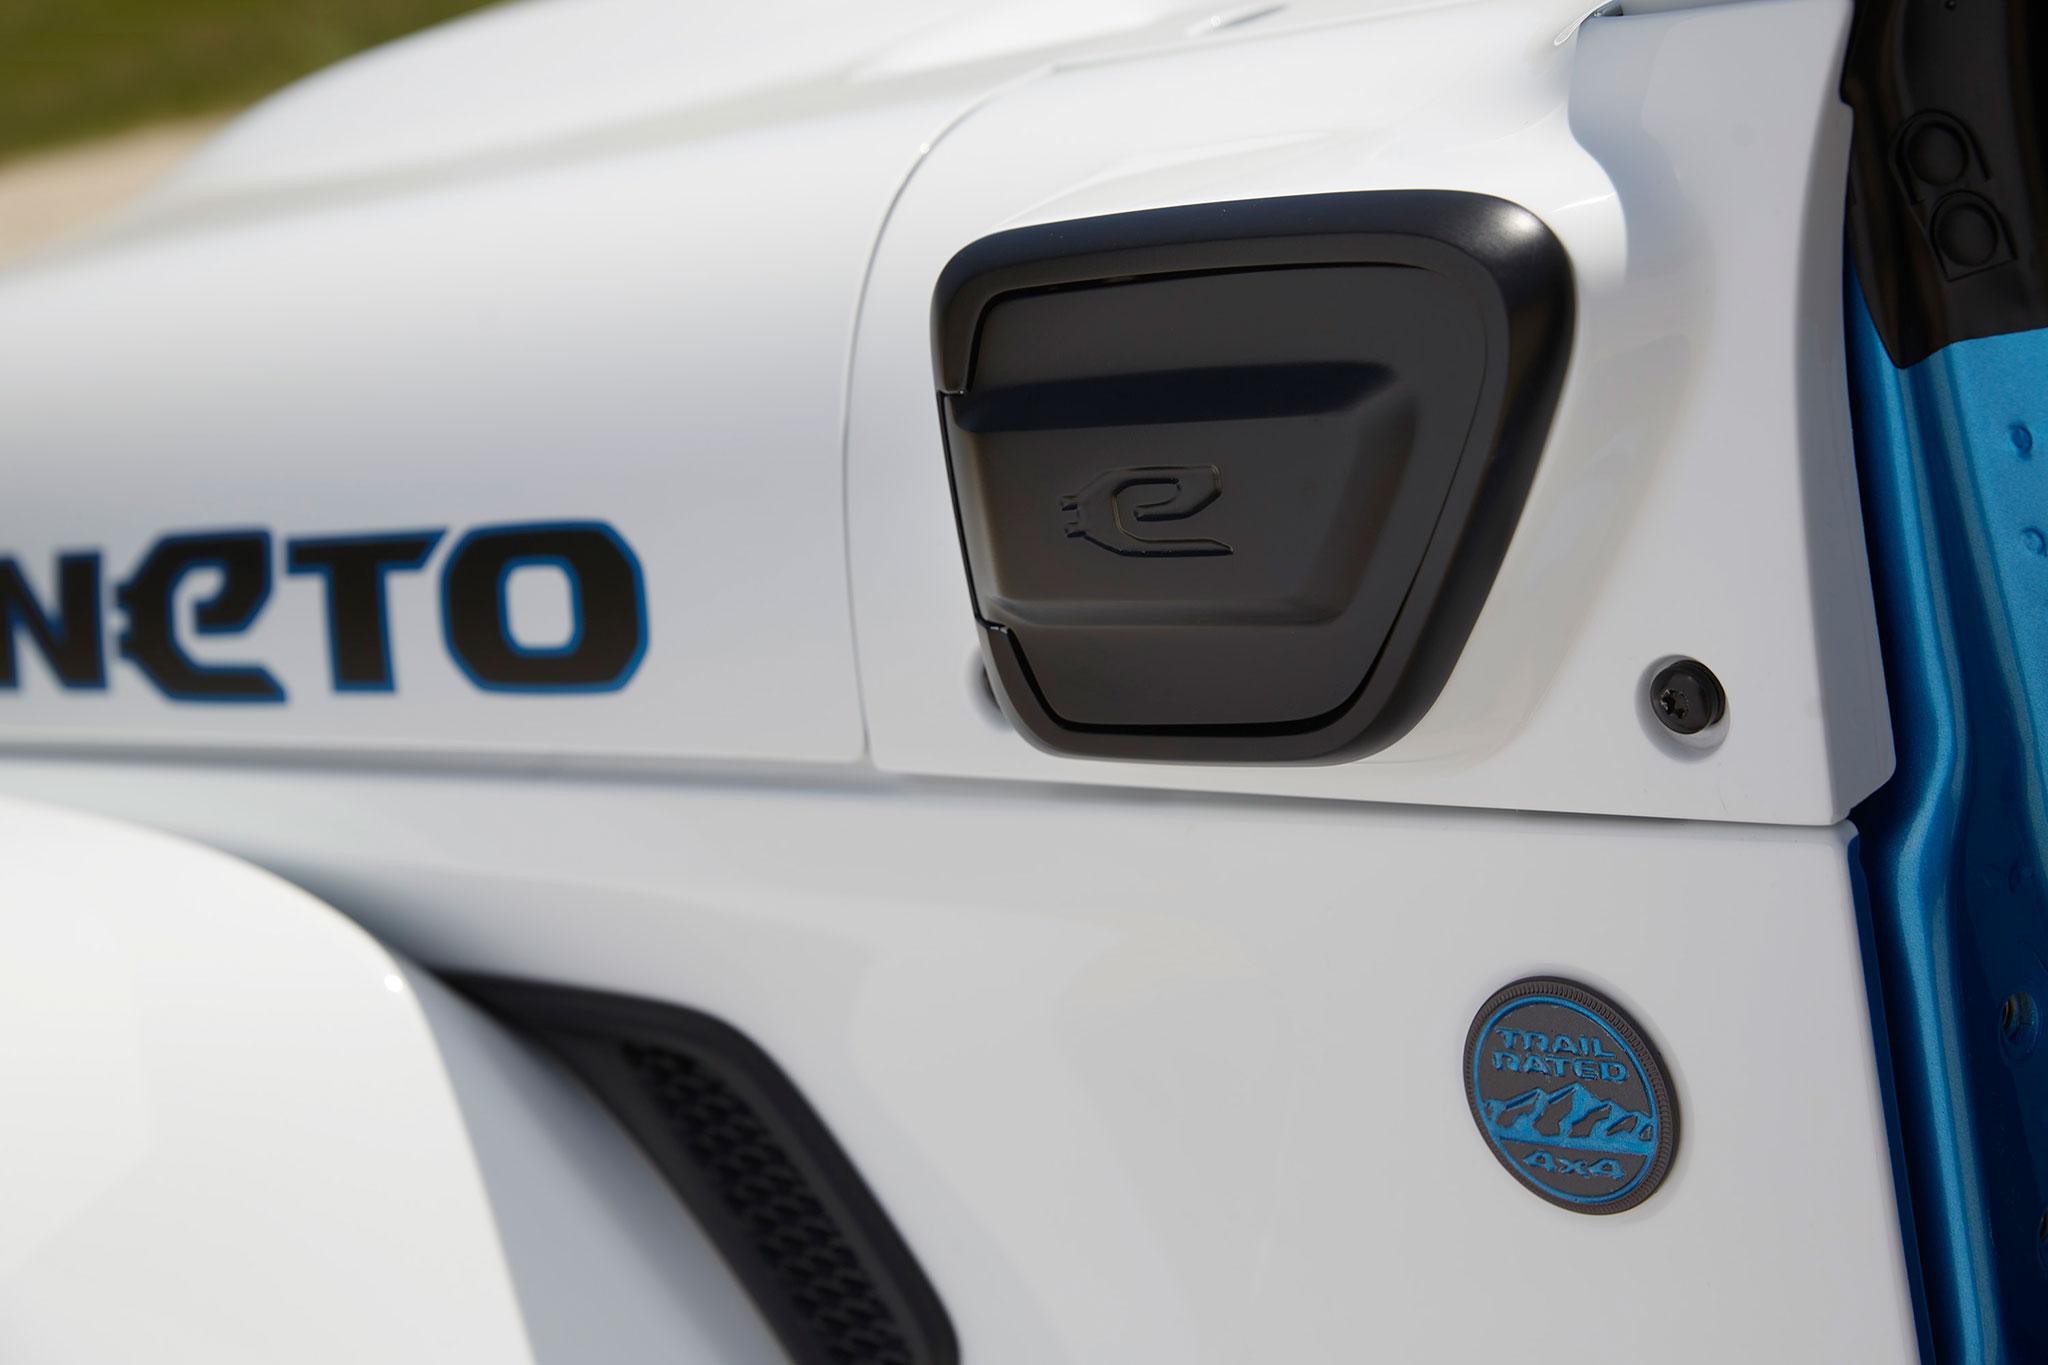 2021 Jeep Wrangler Magneto Concept emplacement de la prise pour la recharge électrique - Concept Cars de Jeep®.